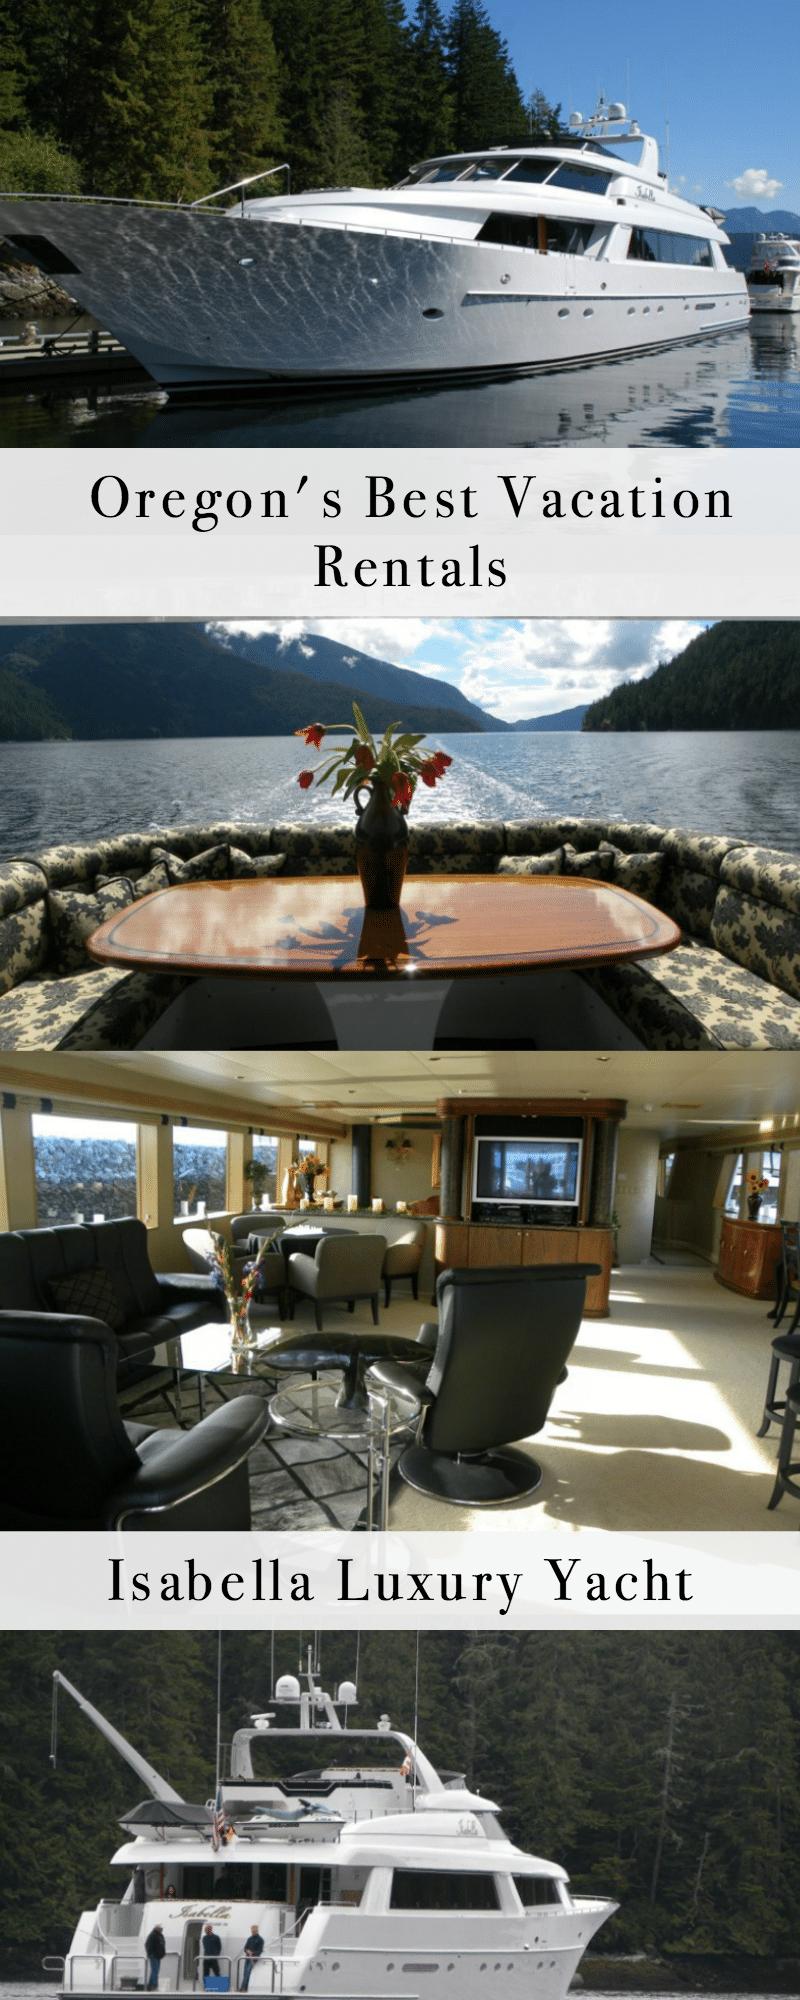 Oregon's Best Vacation rentals - Isabella Luxury Yacht